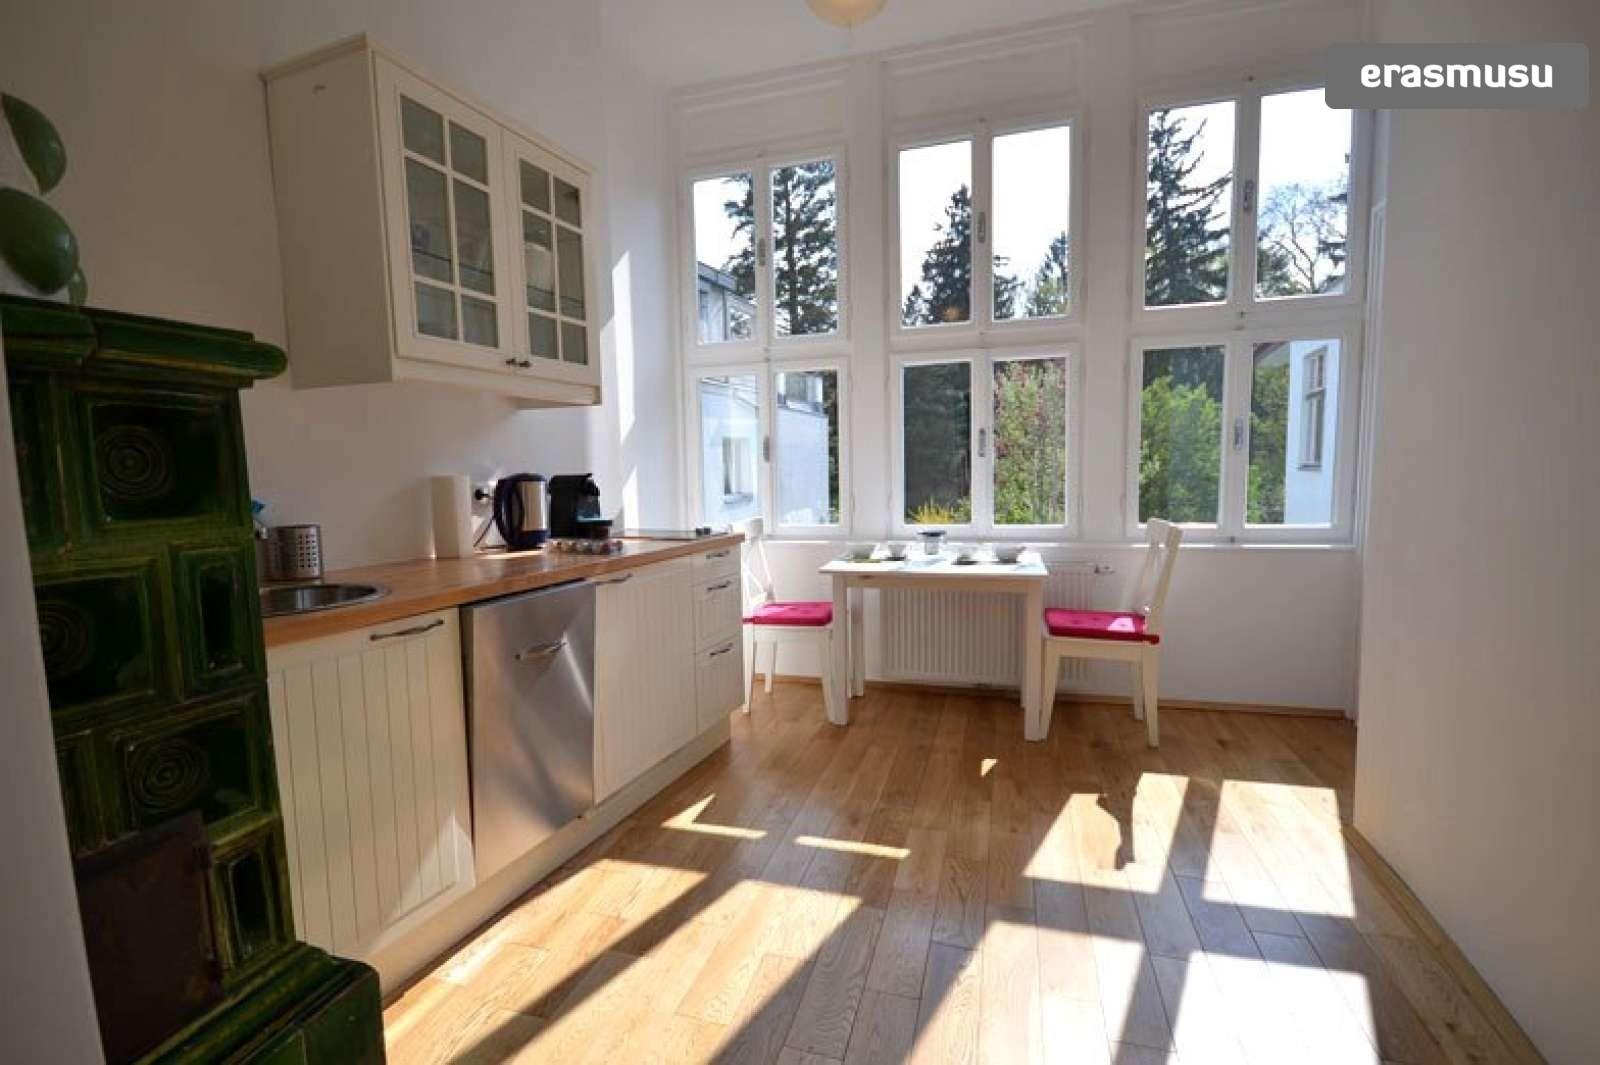 bright-studio-apartment-rent-near-ober-st-veit-u-bahn-station-b2